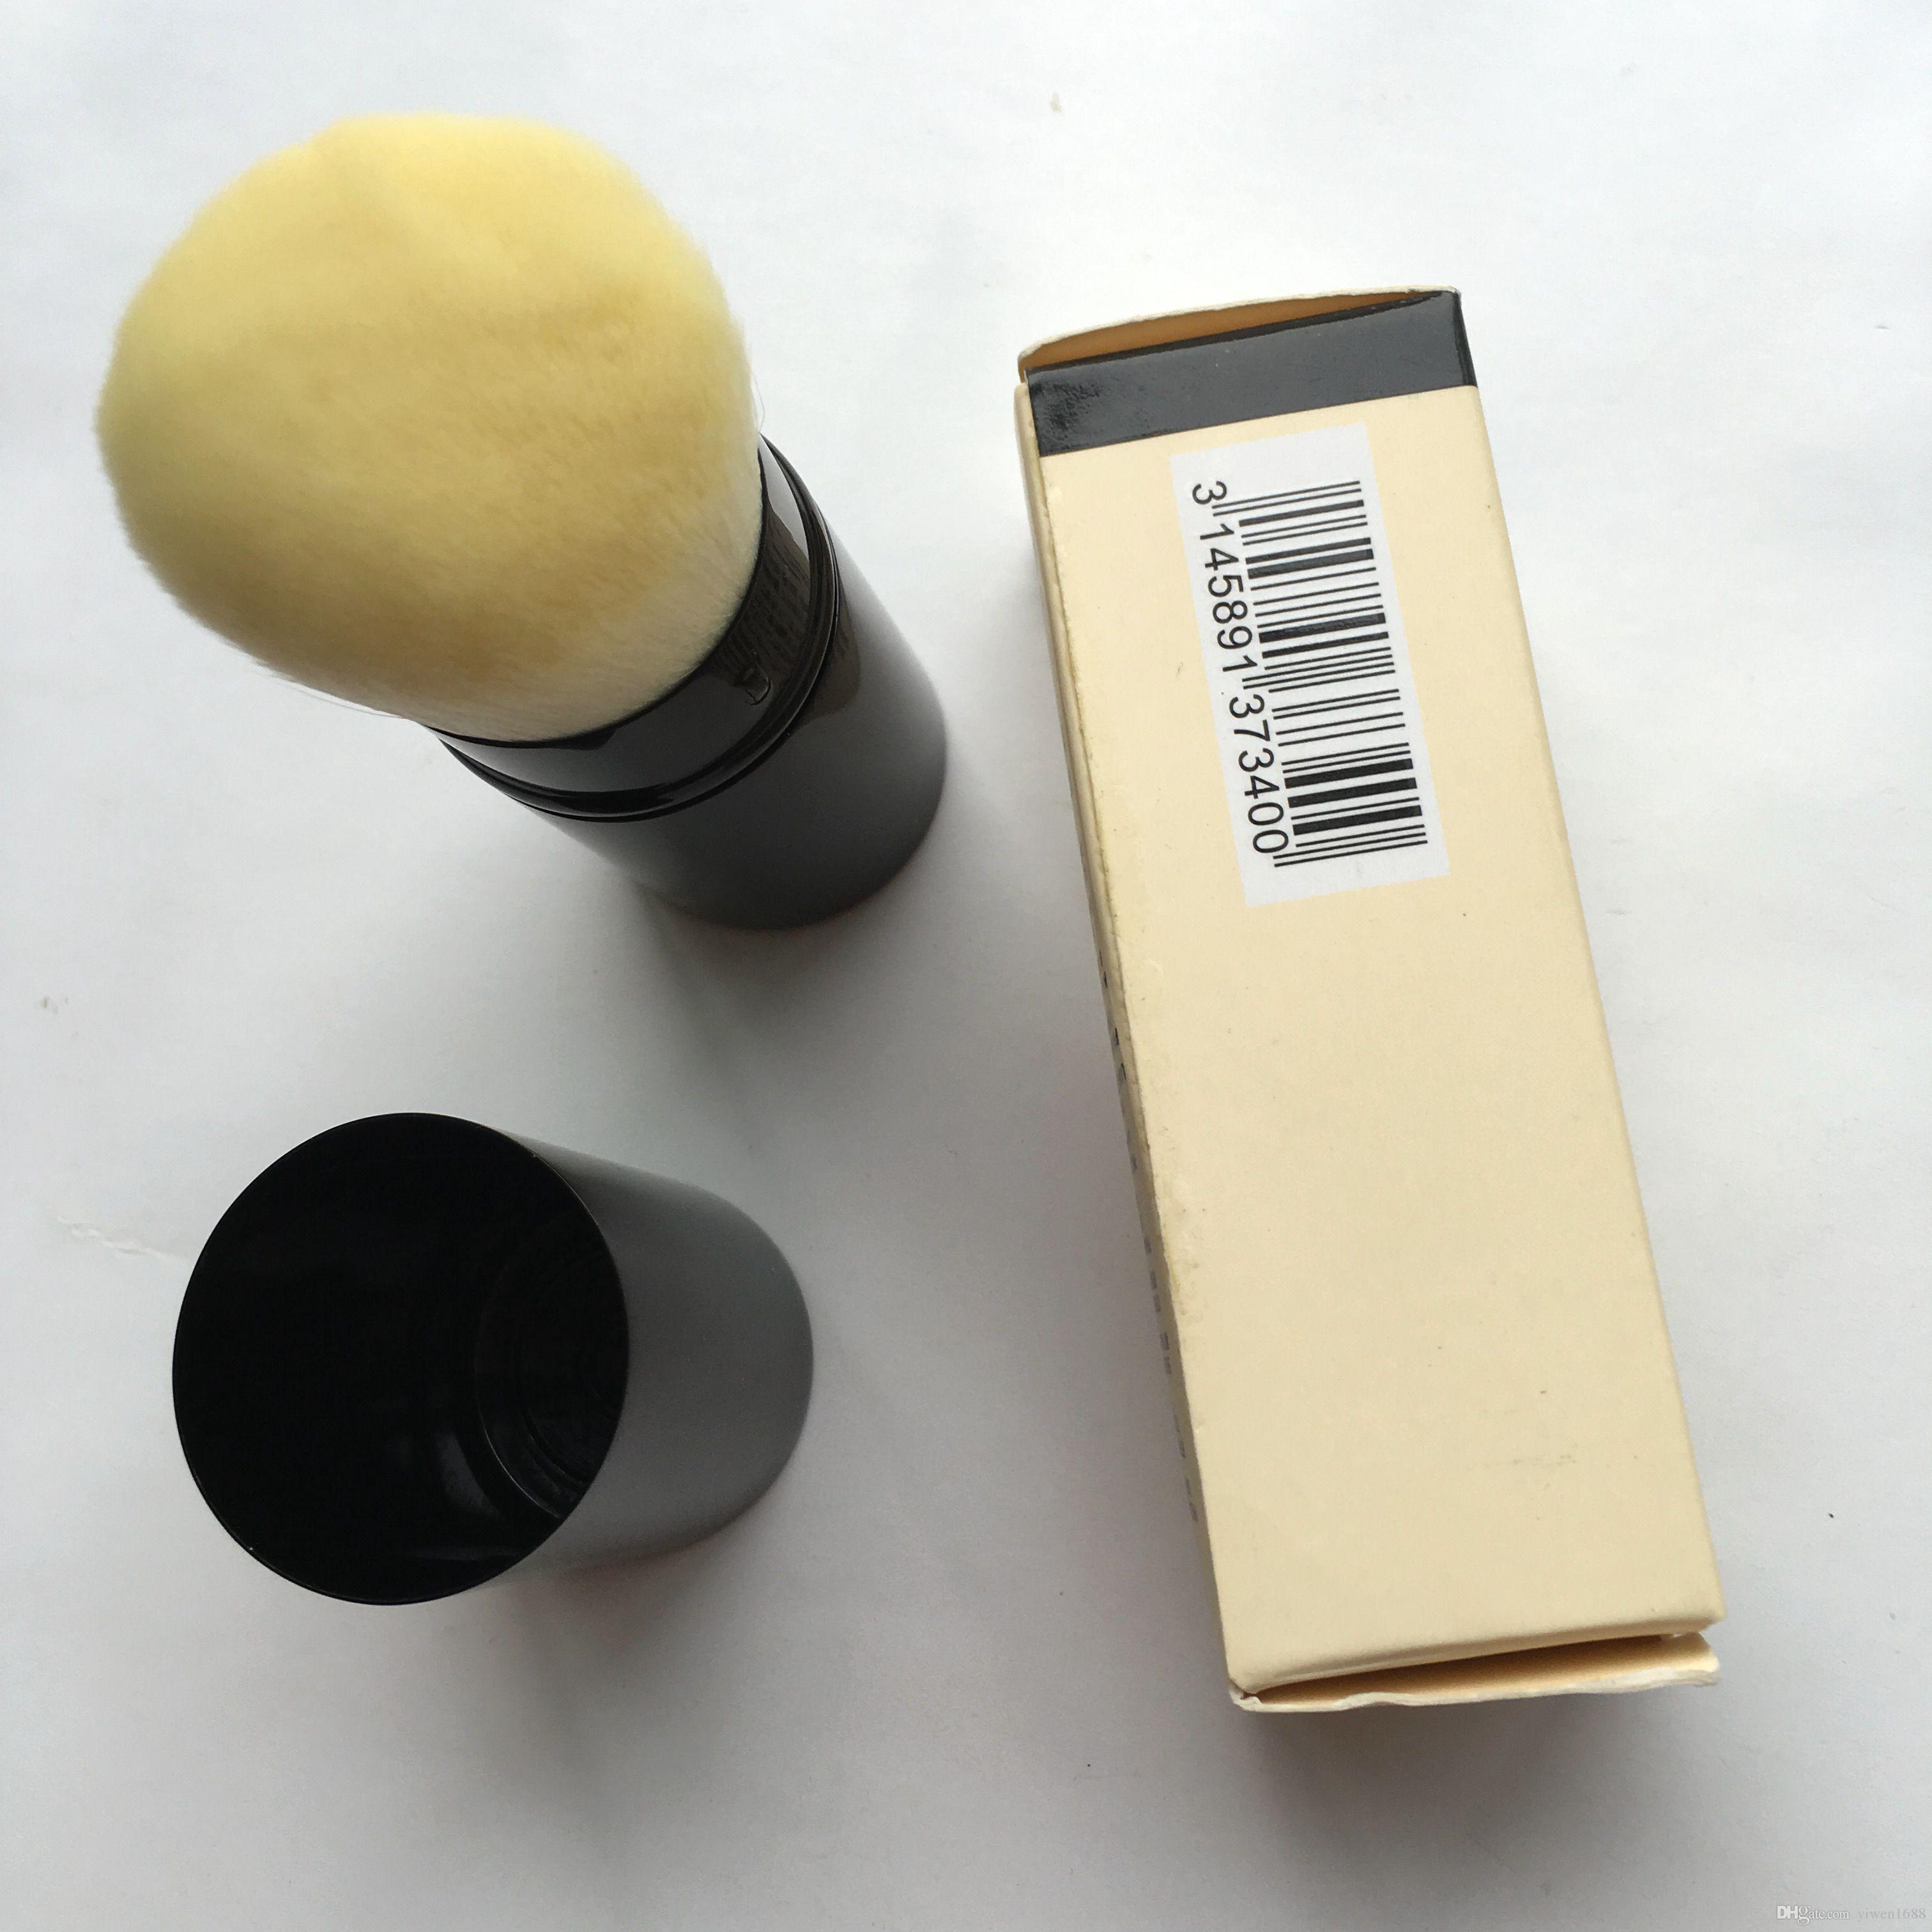 Pinceau de maquillage de marque pinceaux de maquillage portables de haute qualité en vrac très doux et rétractable